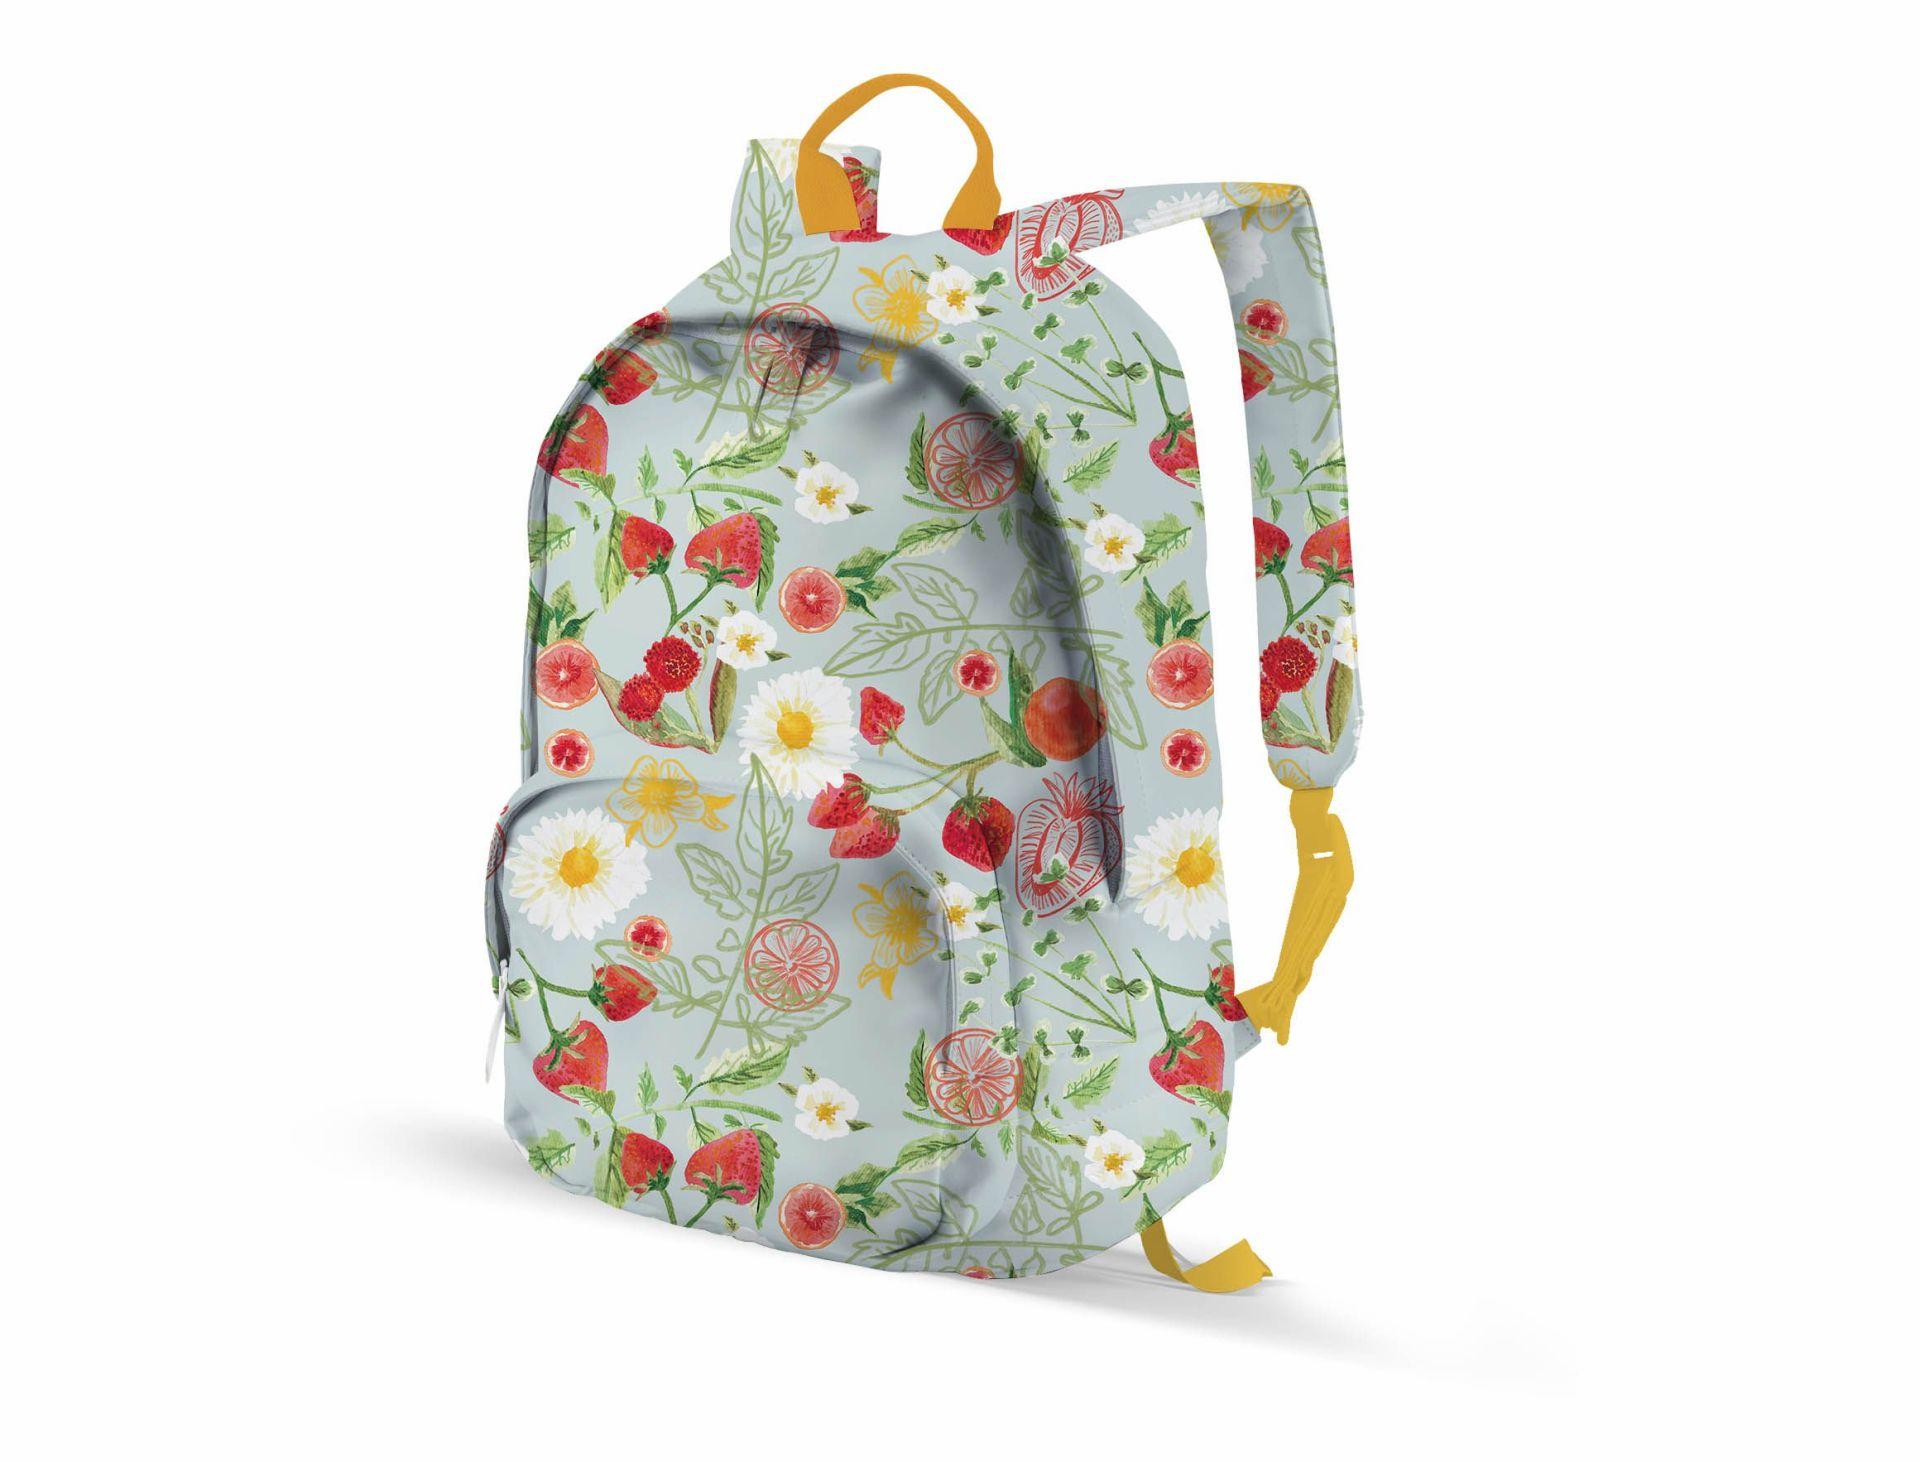 diseño-estampado-botanico-fresas